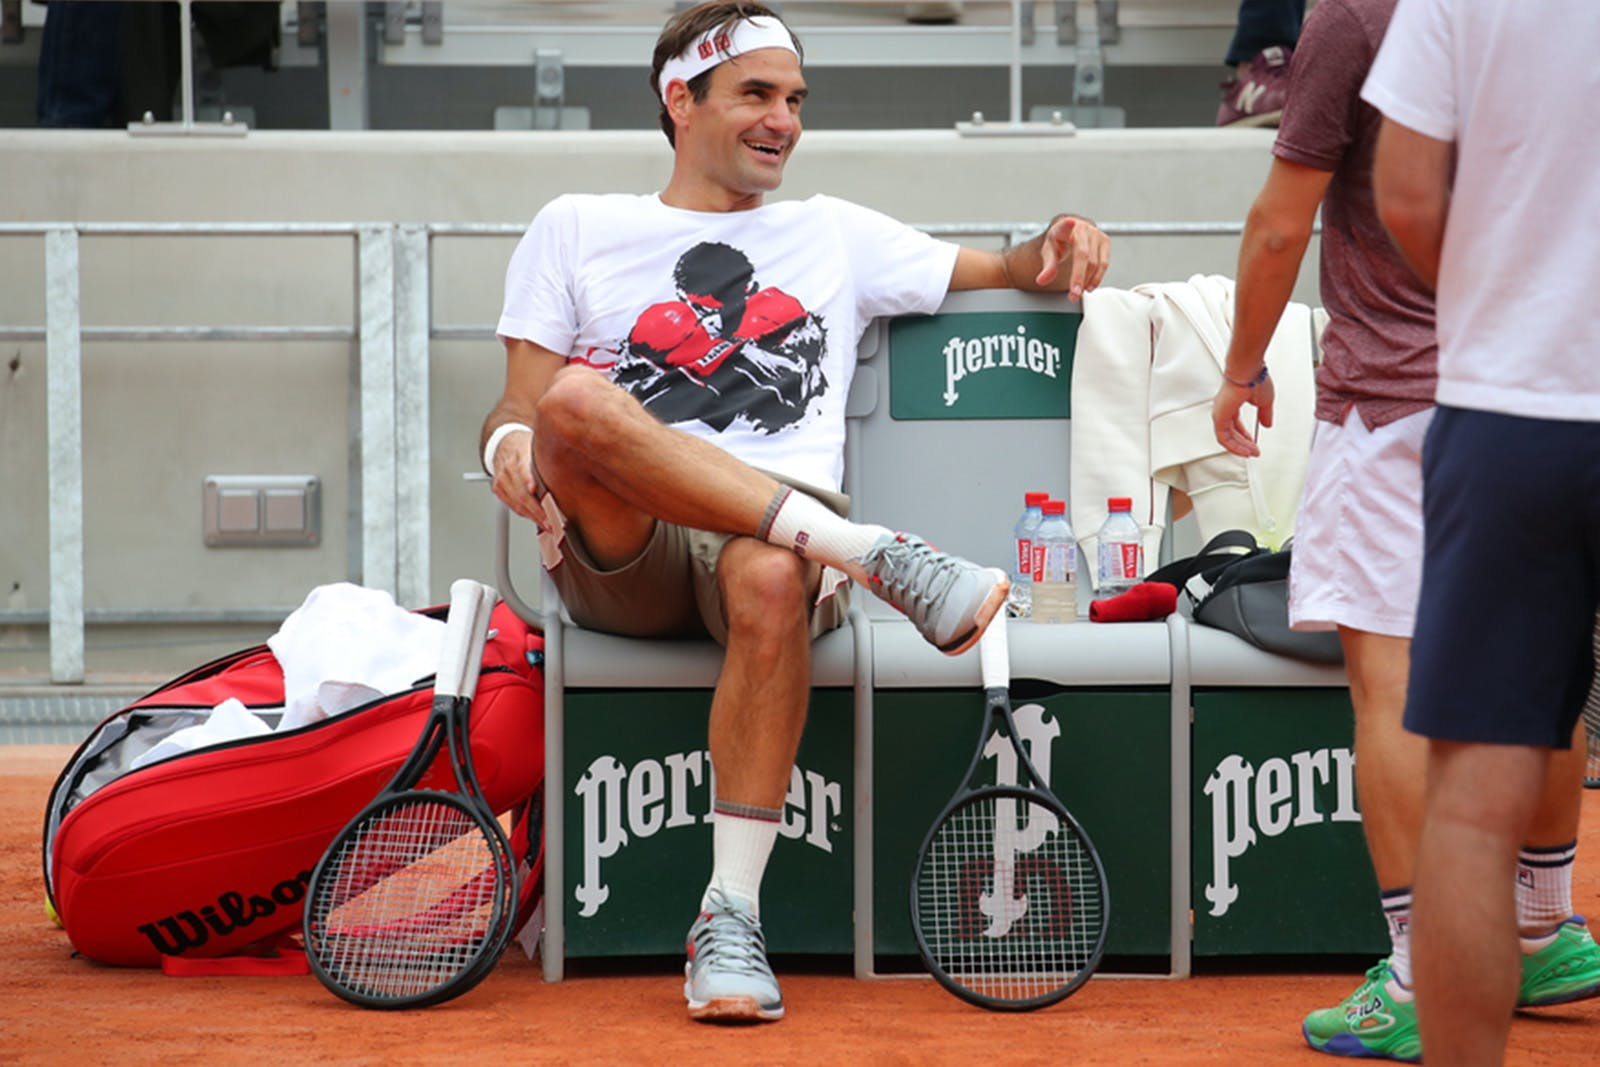 Roger Federer first practice Roland-Garros 2019